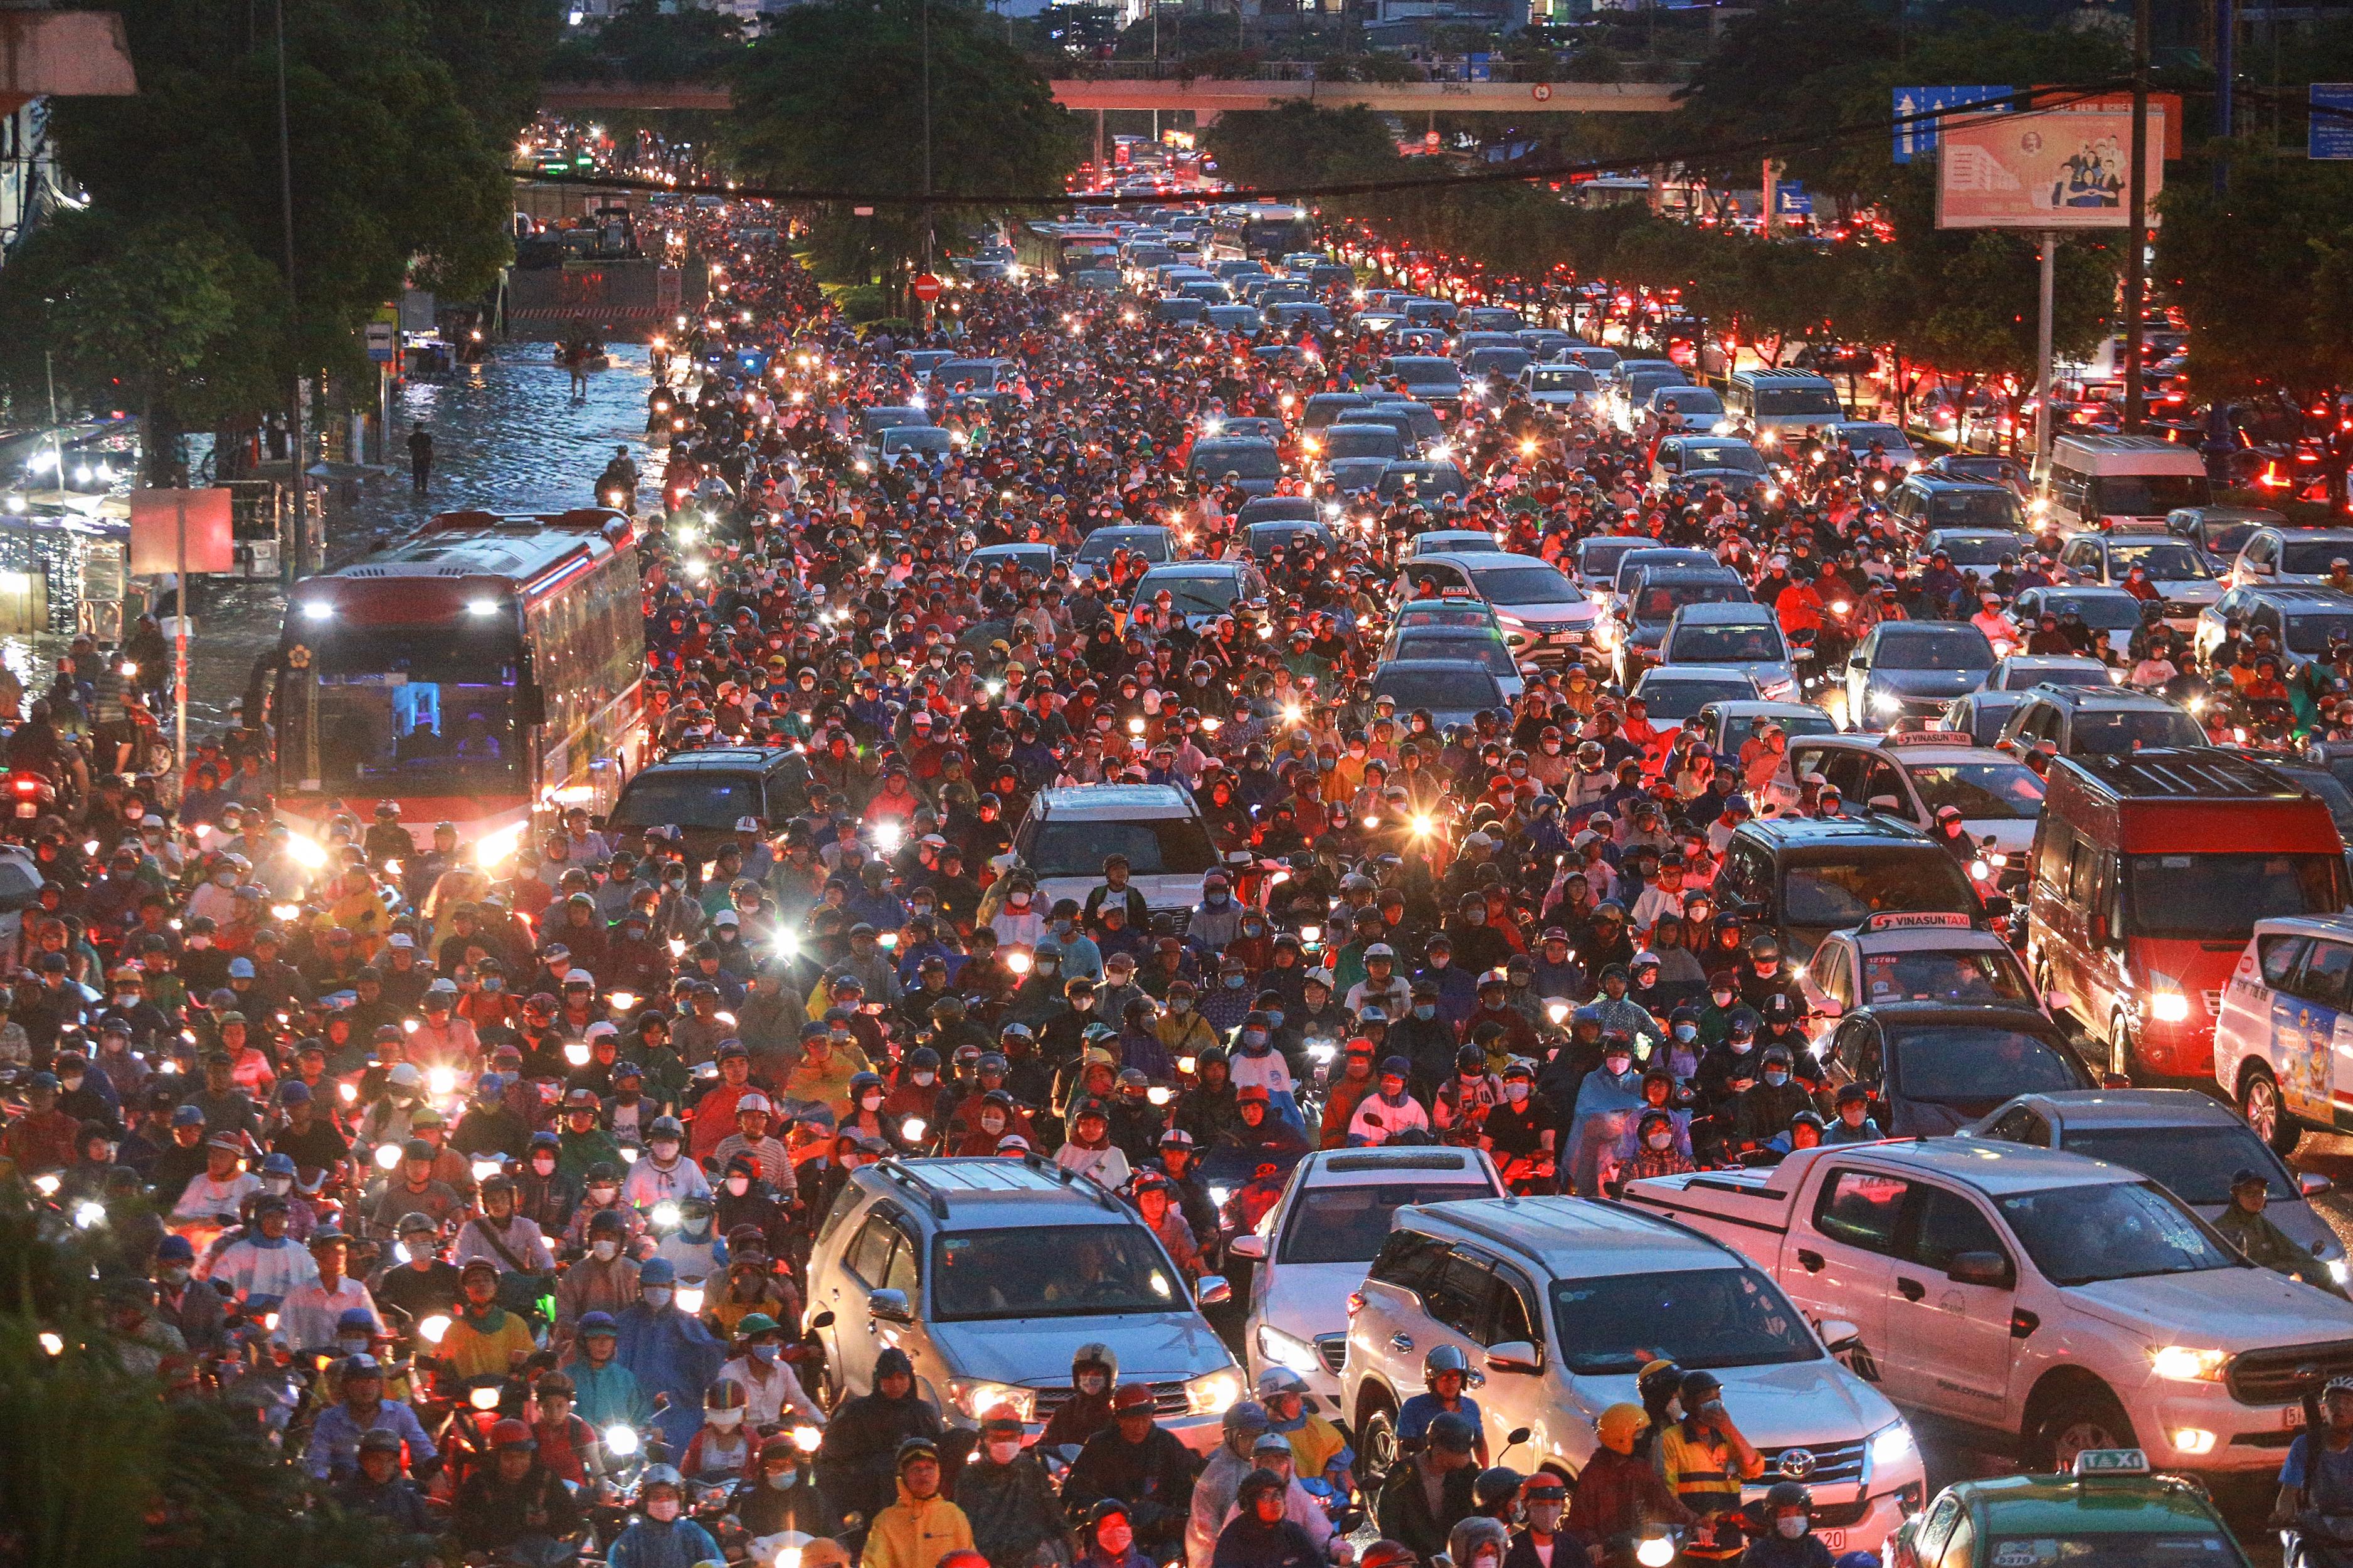 Người Sài Gòn chôn chân trong mưa lớn, ô tô, xe máy không nhúc nhích, giao thông hỗn loạn - Ảnh 12.